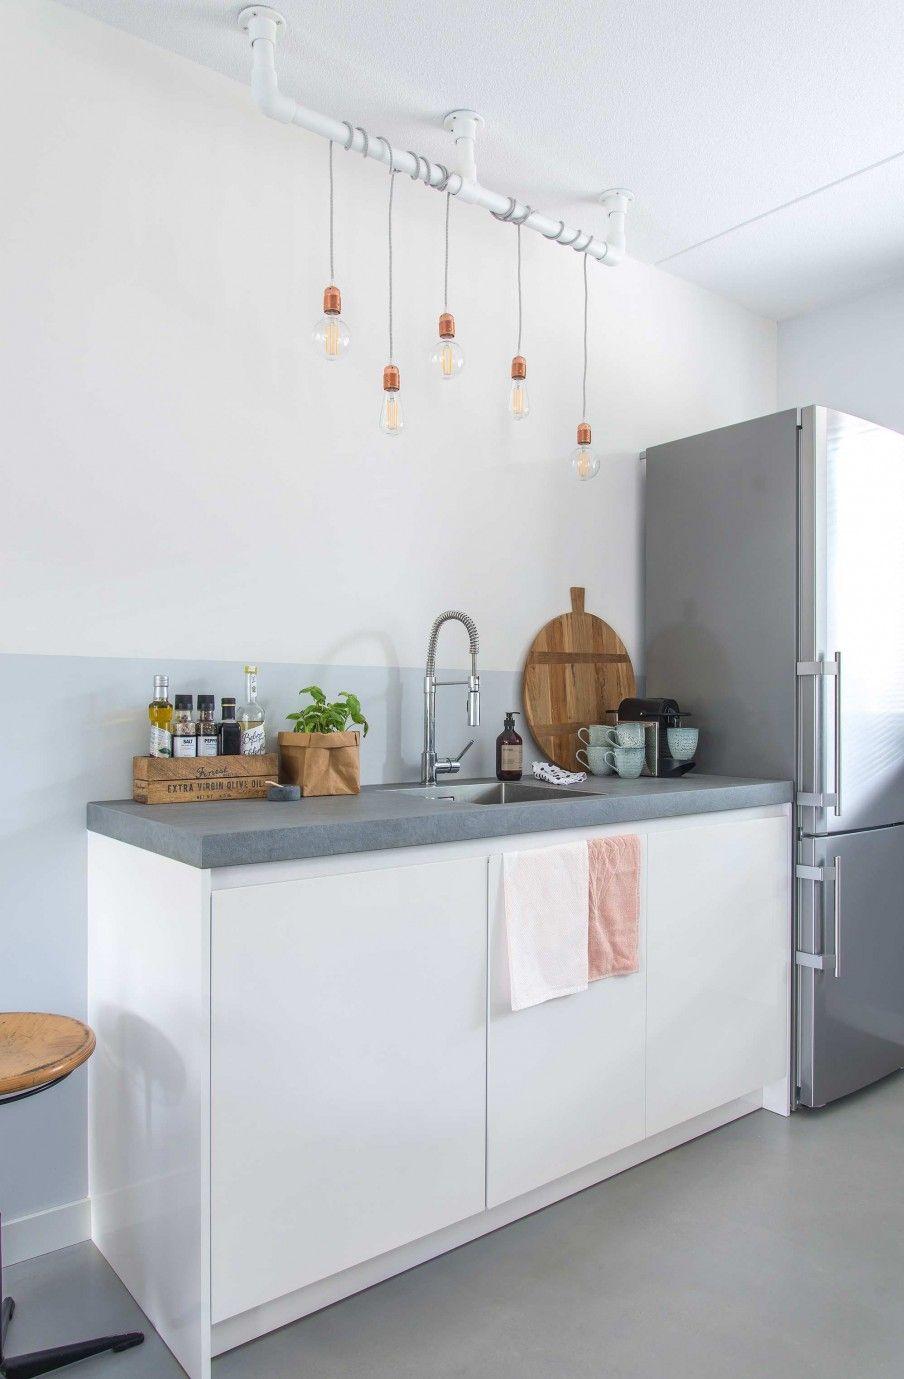 steigerbuis lamp | Joubert | Pinterest | Küchen modern, Lichtideen ...